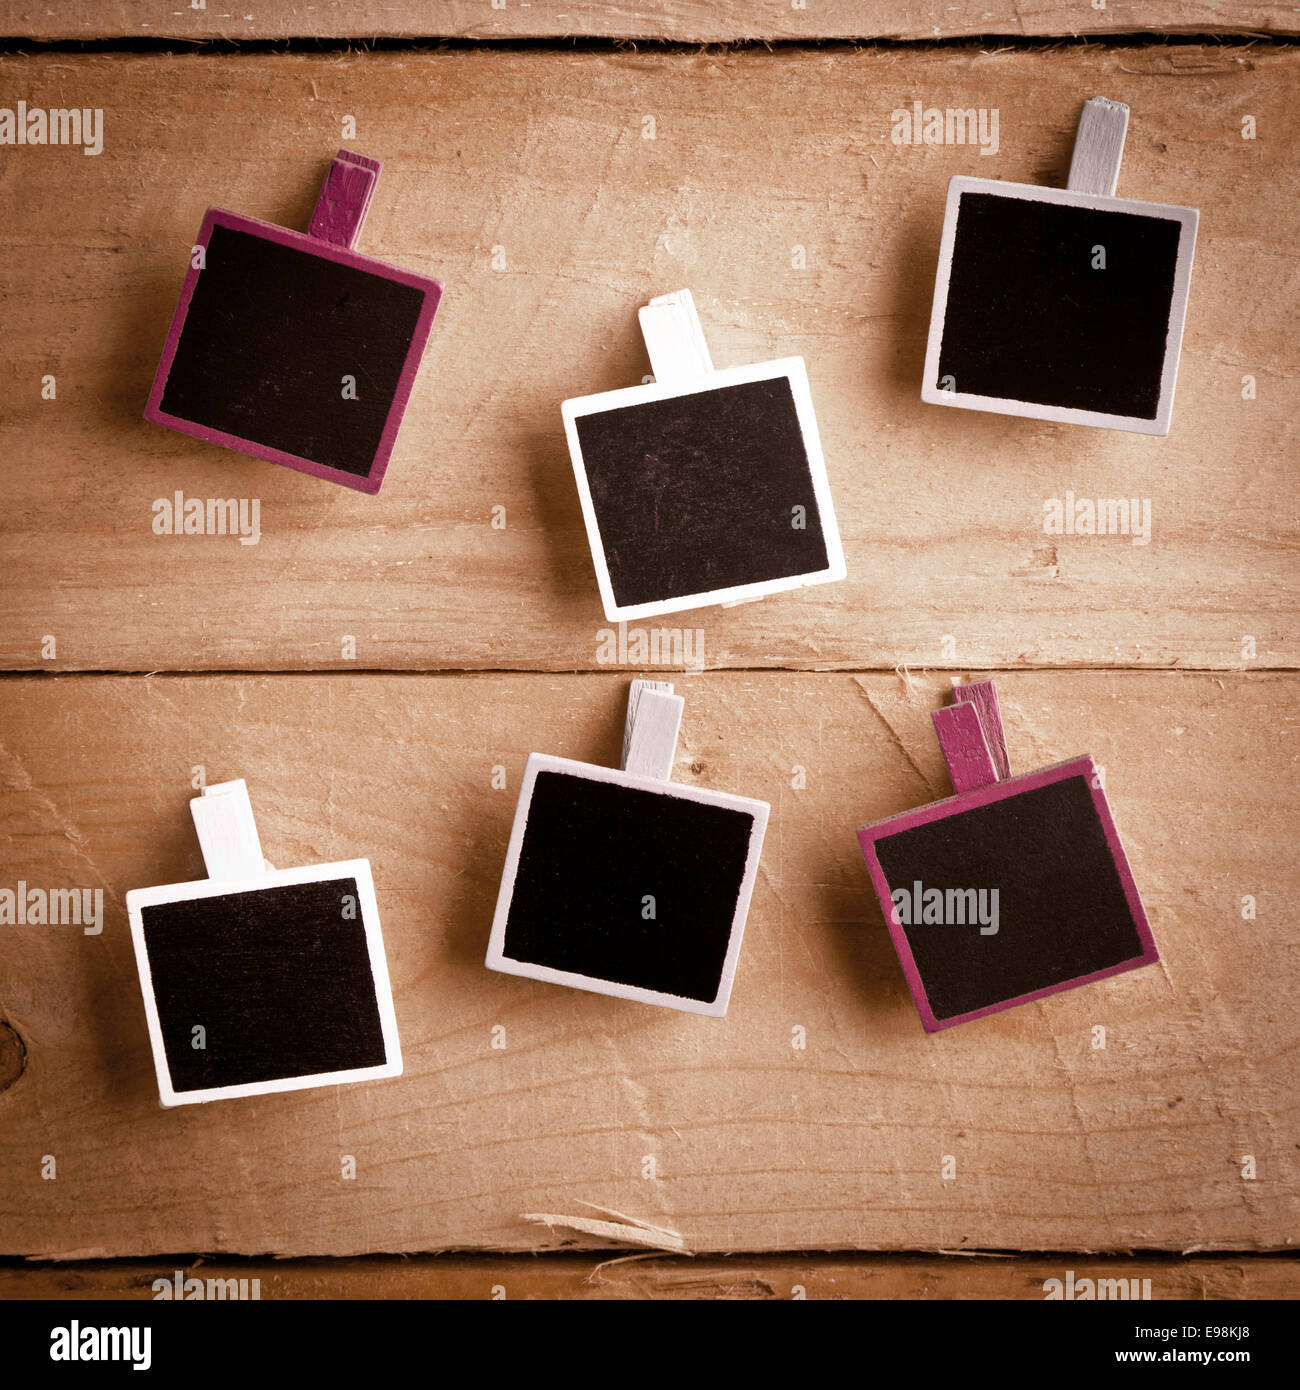 Sechs Squary Polaroid-Stil Bilderrahmen auf einem hölzernen ...